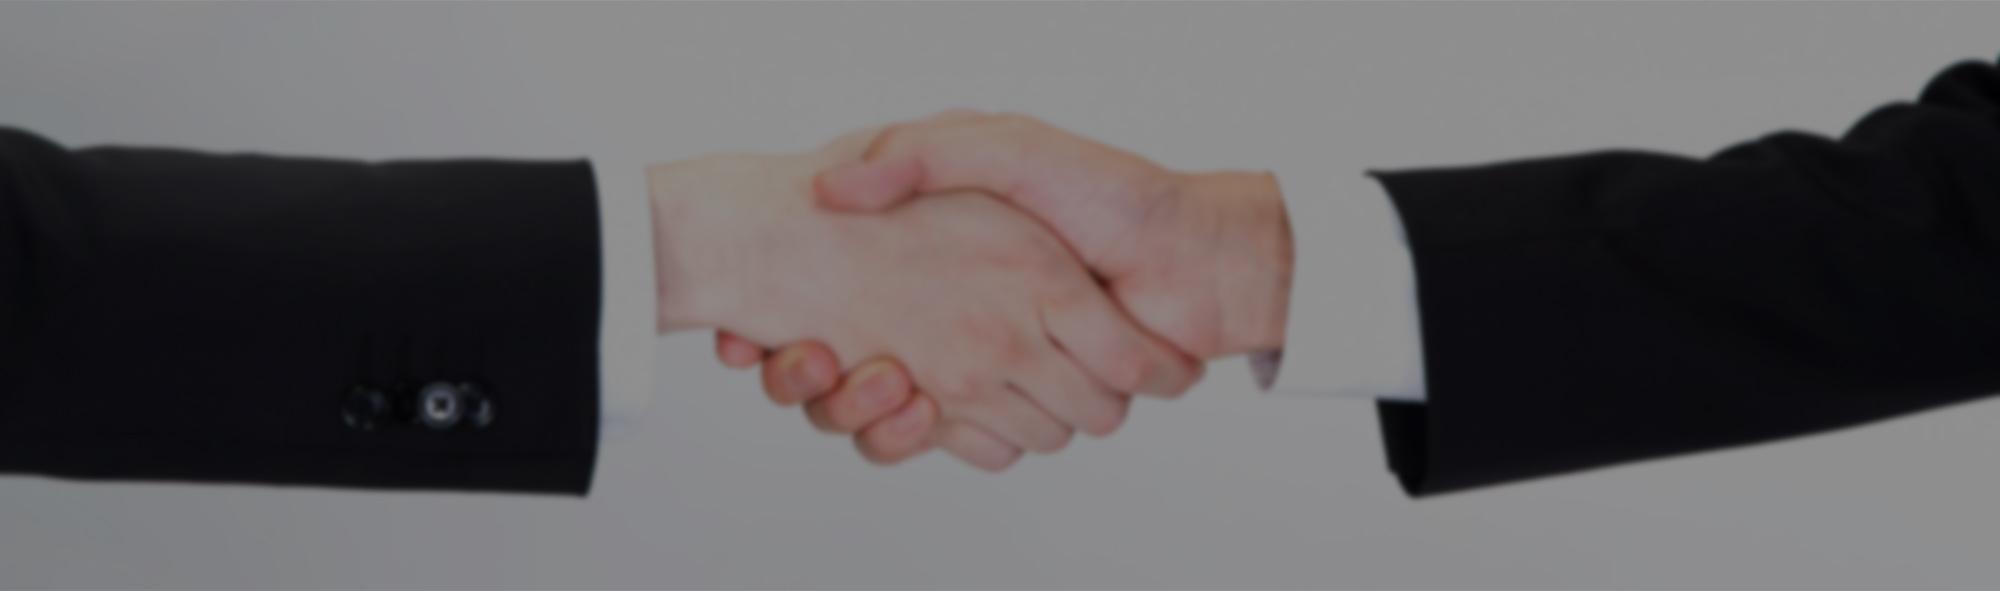 共同提携サービス会社との連携